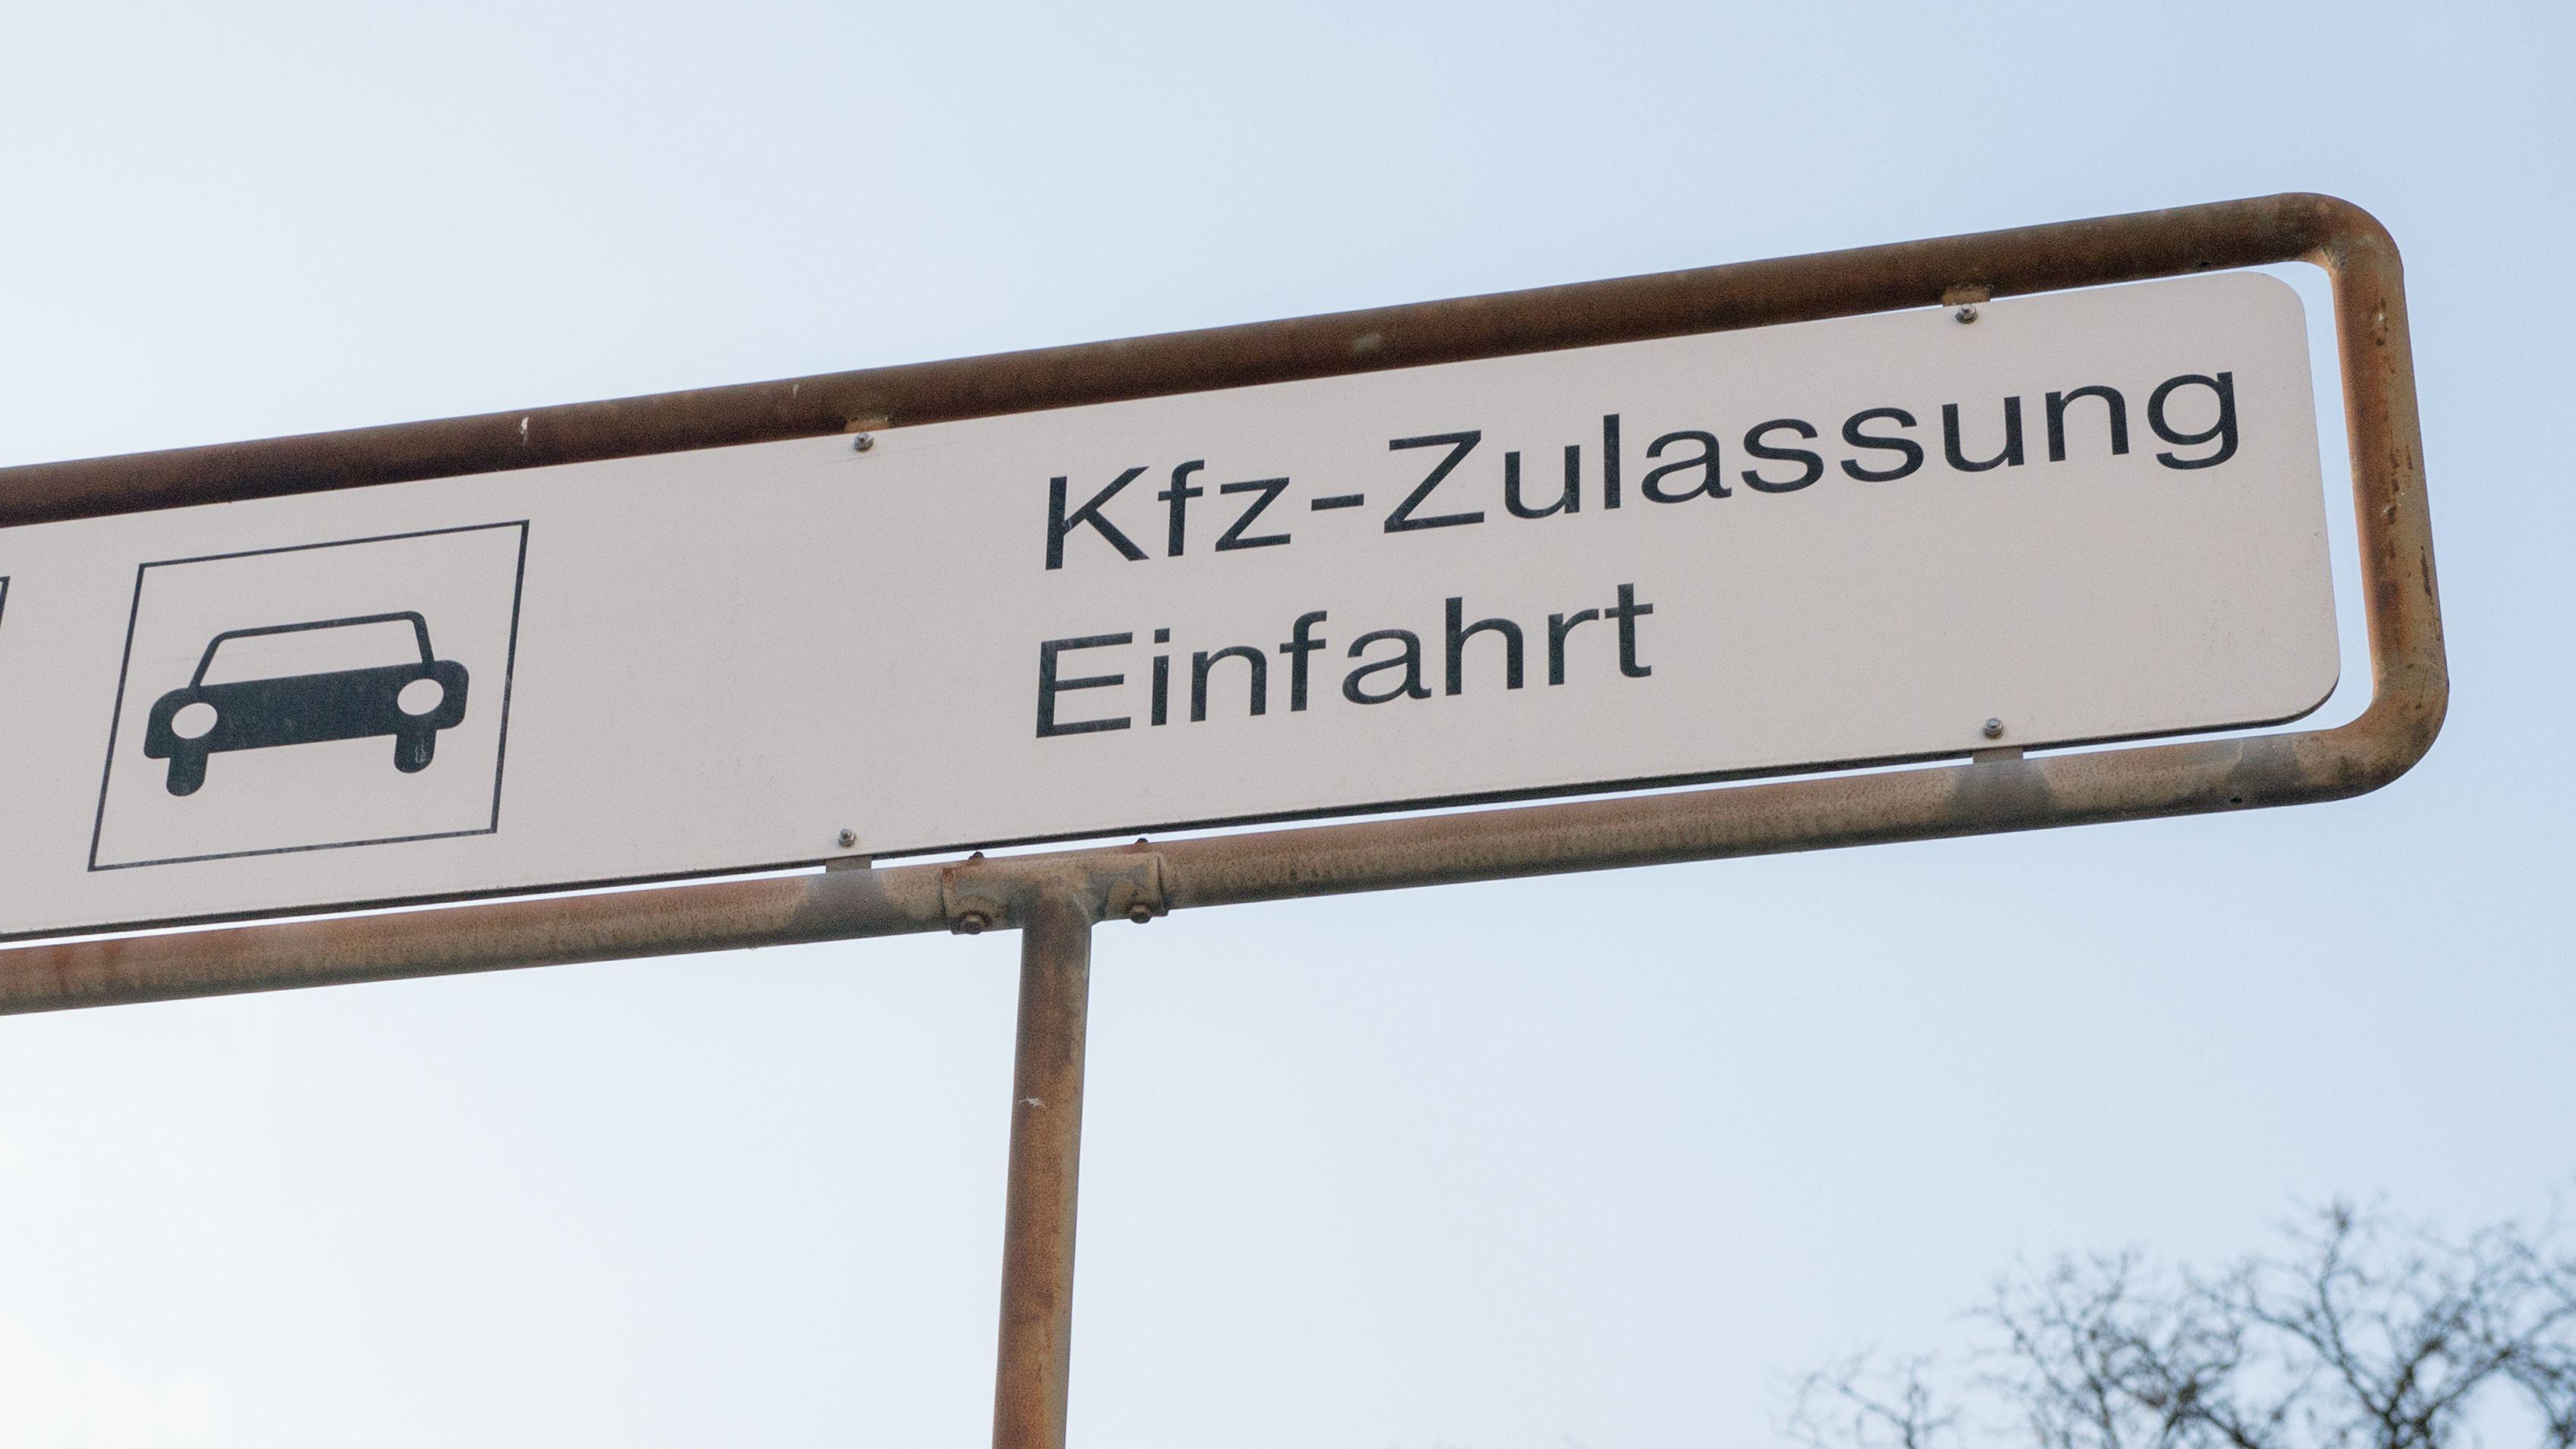 Symbolbild: Einfahrt zu einer KfZ-Zulassungsstelle